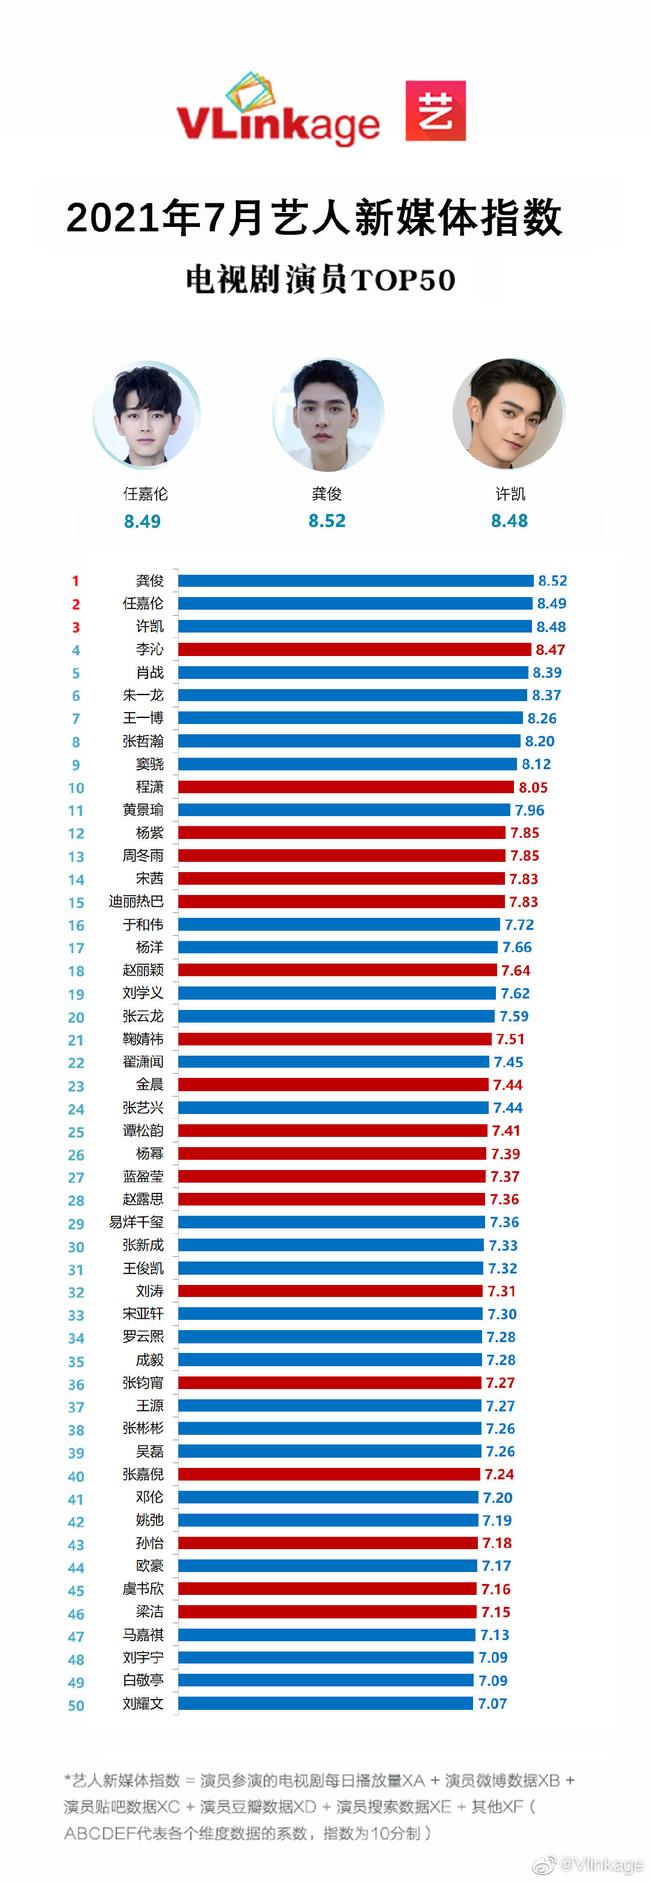 BXH chỉ số truyền thông của sao Hoa ngữ tháng 7: Tiêu Chiến Nhất Bác 'tụt dốc', bị đàn em cho 'hít khói' 1